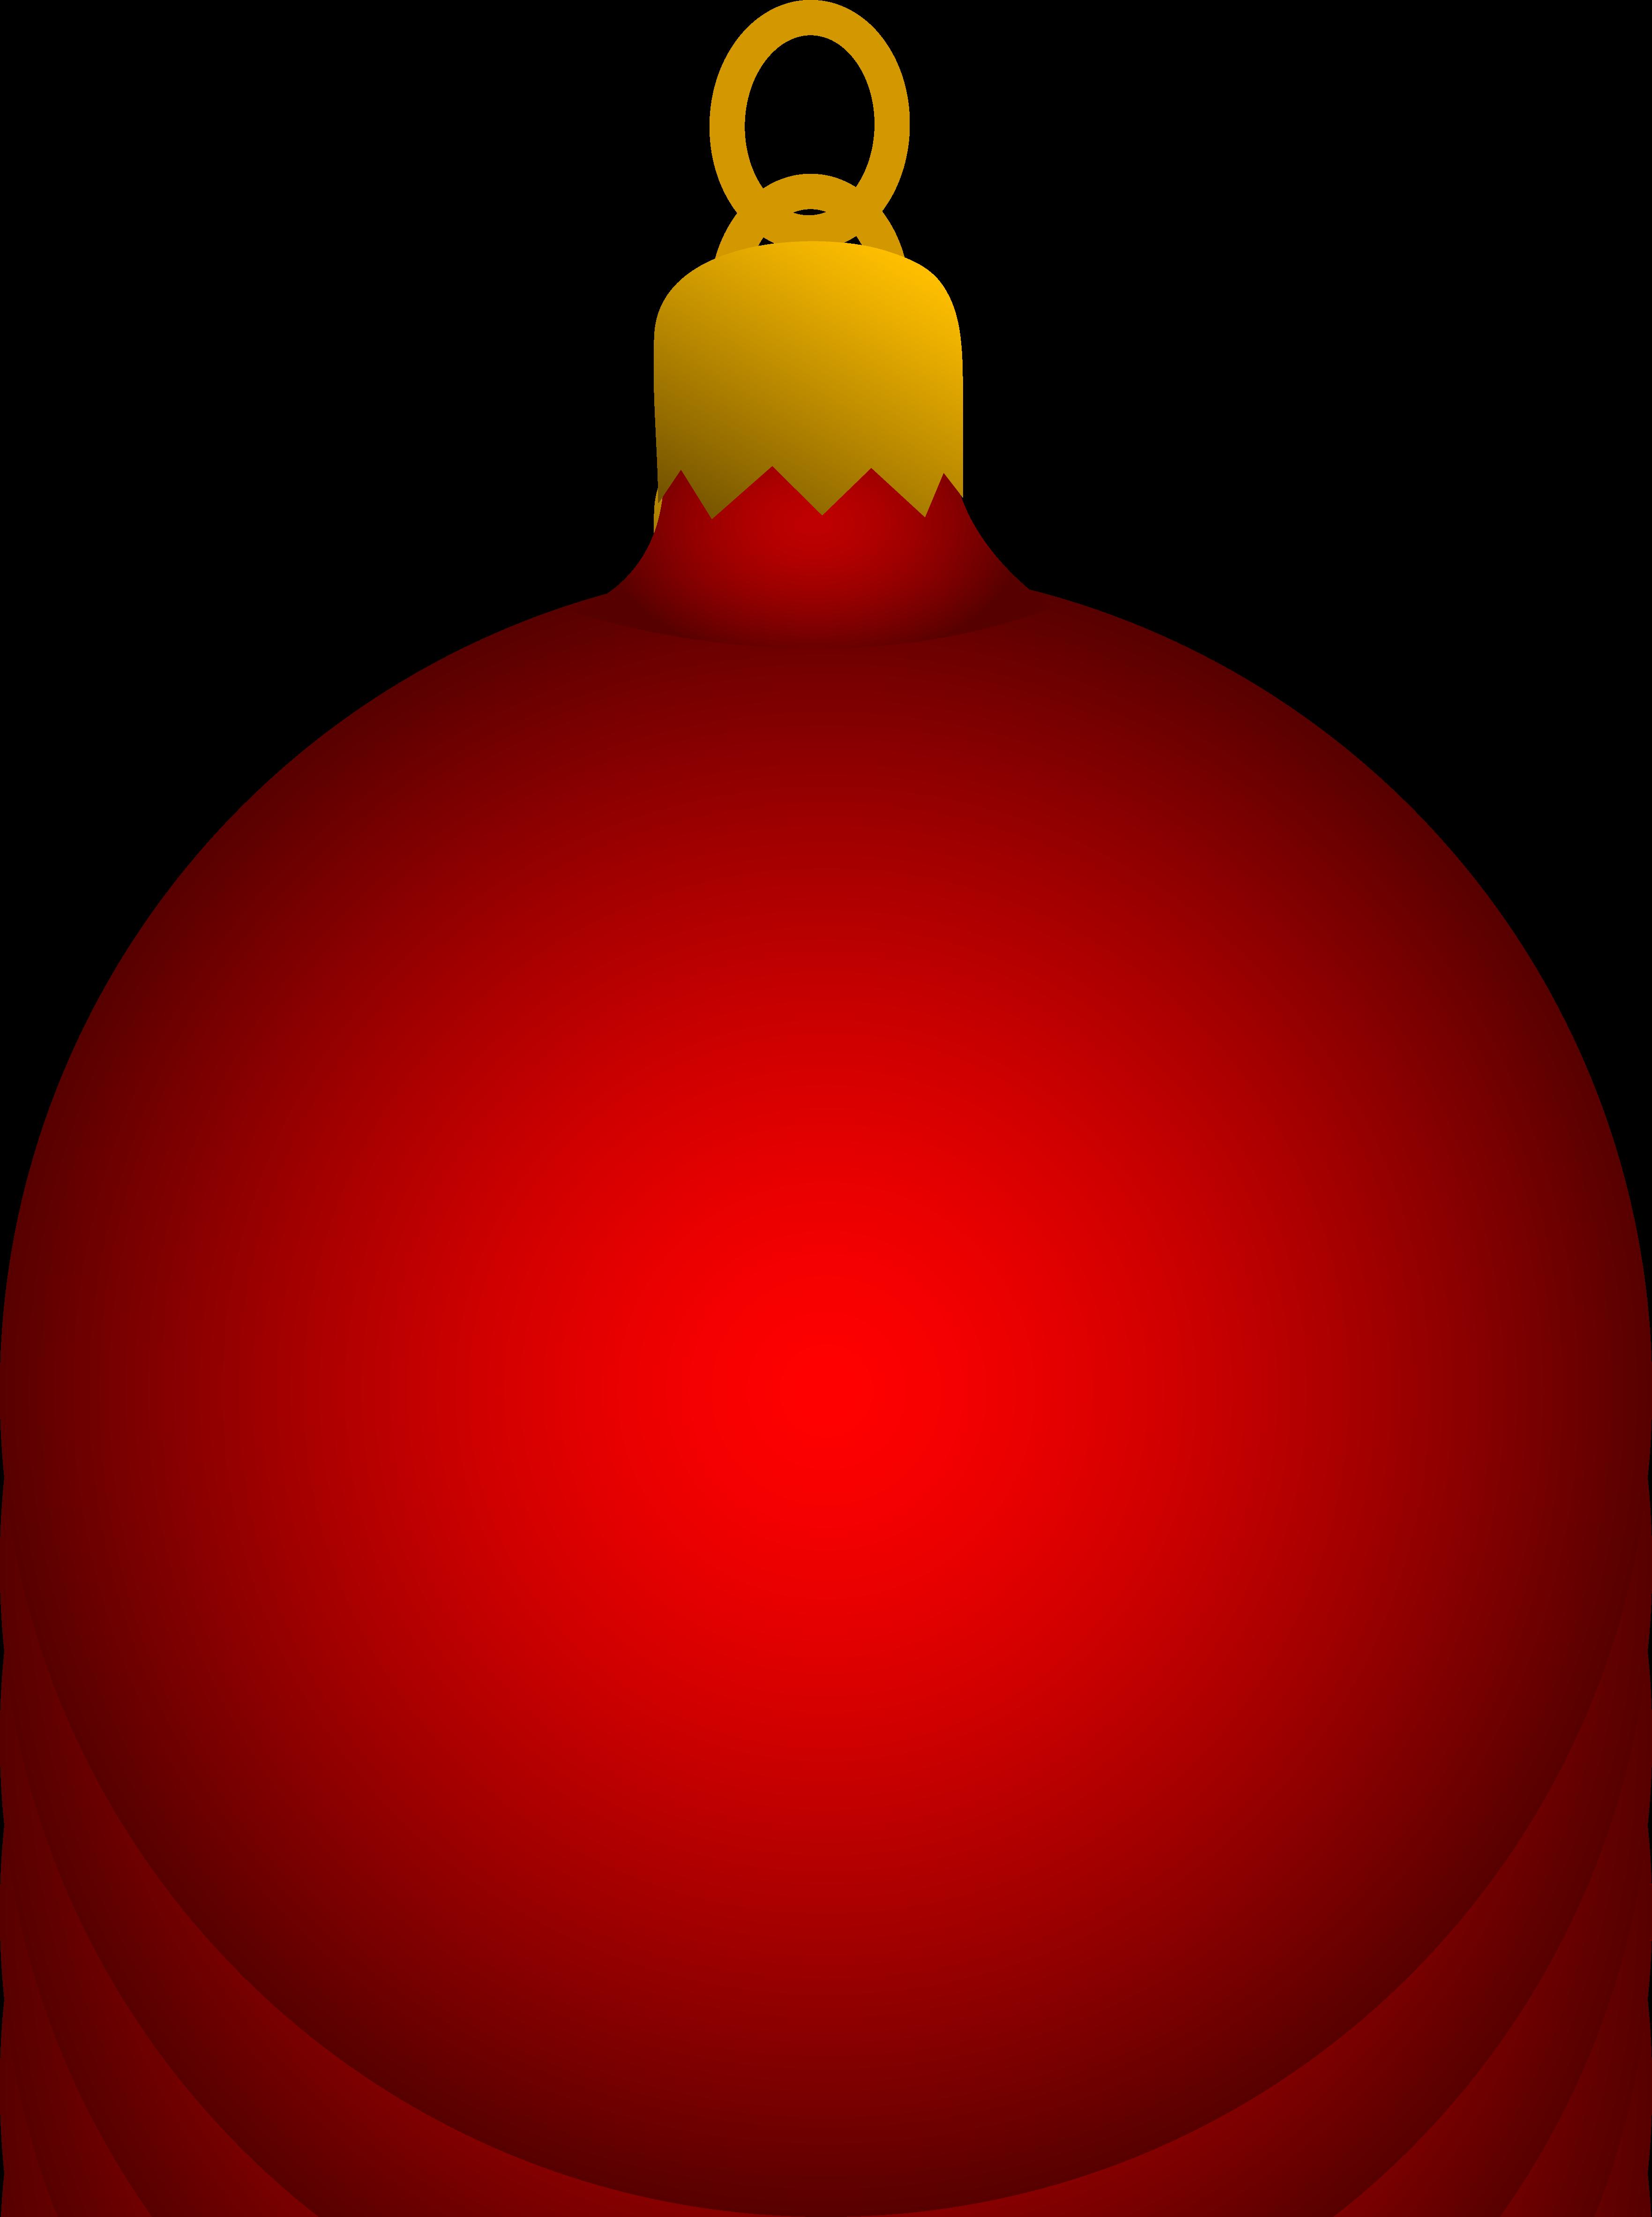 Ornament Clipart-ornament clipart-14